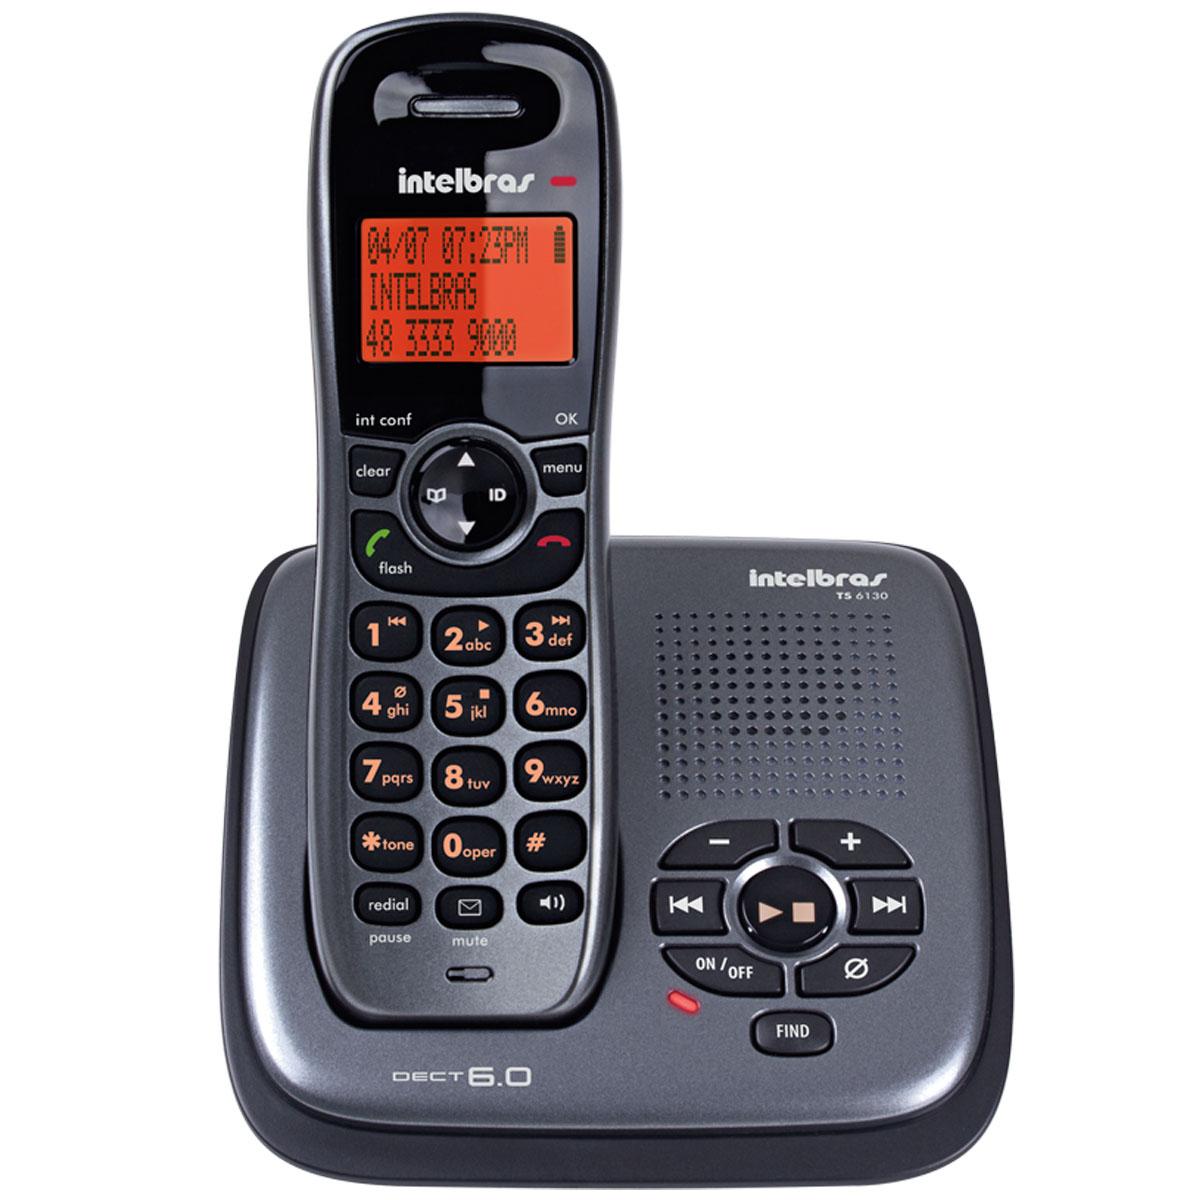 Telefone Intelbras TS 6130 sem fio - Hope Tech Telecomunicações